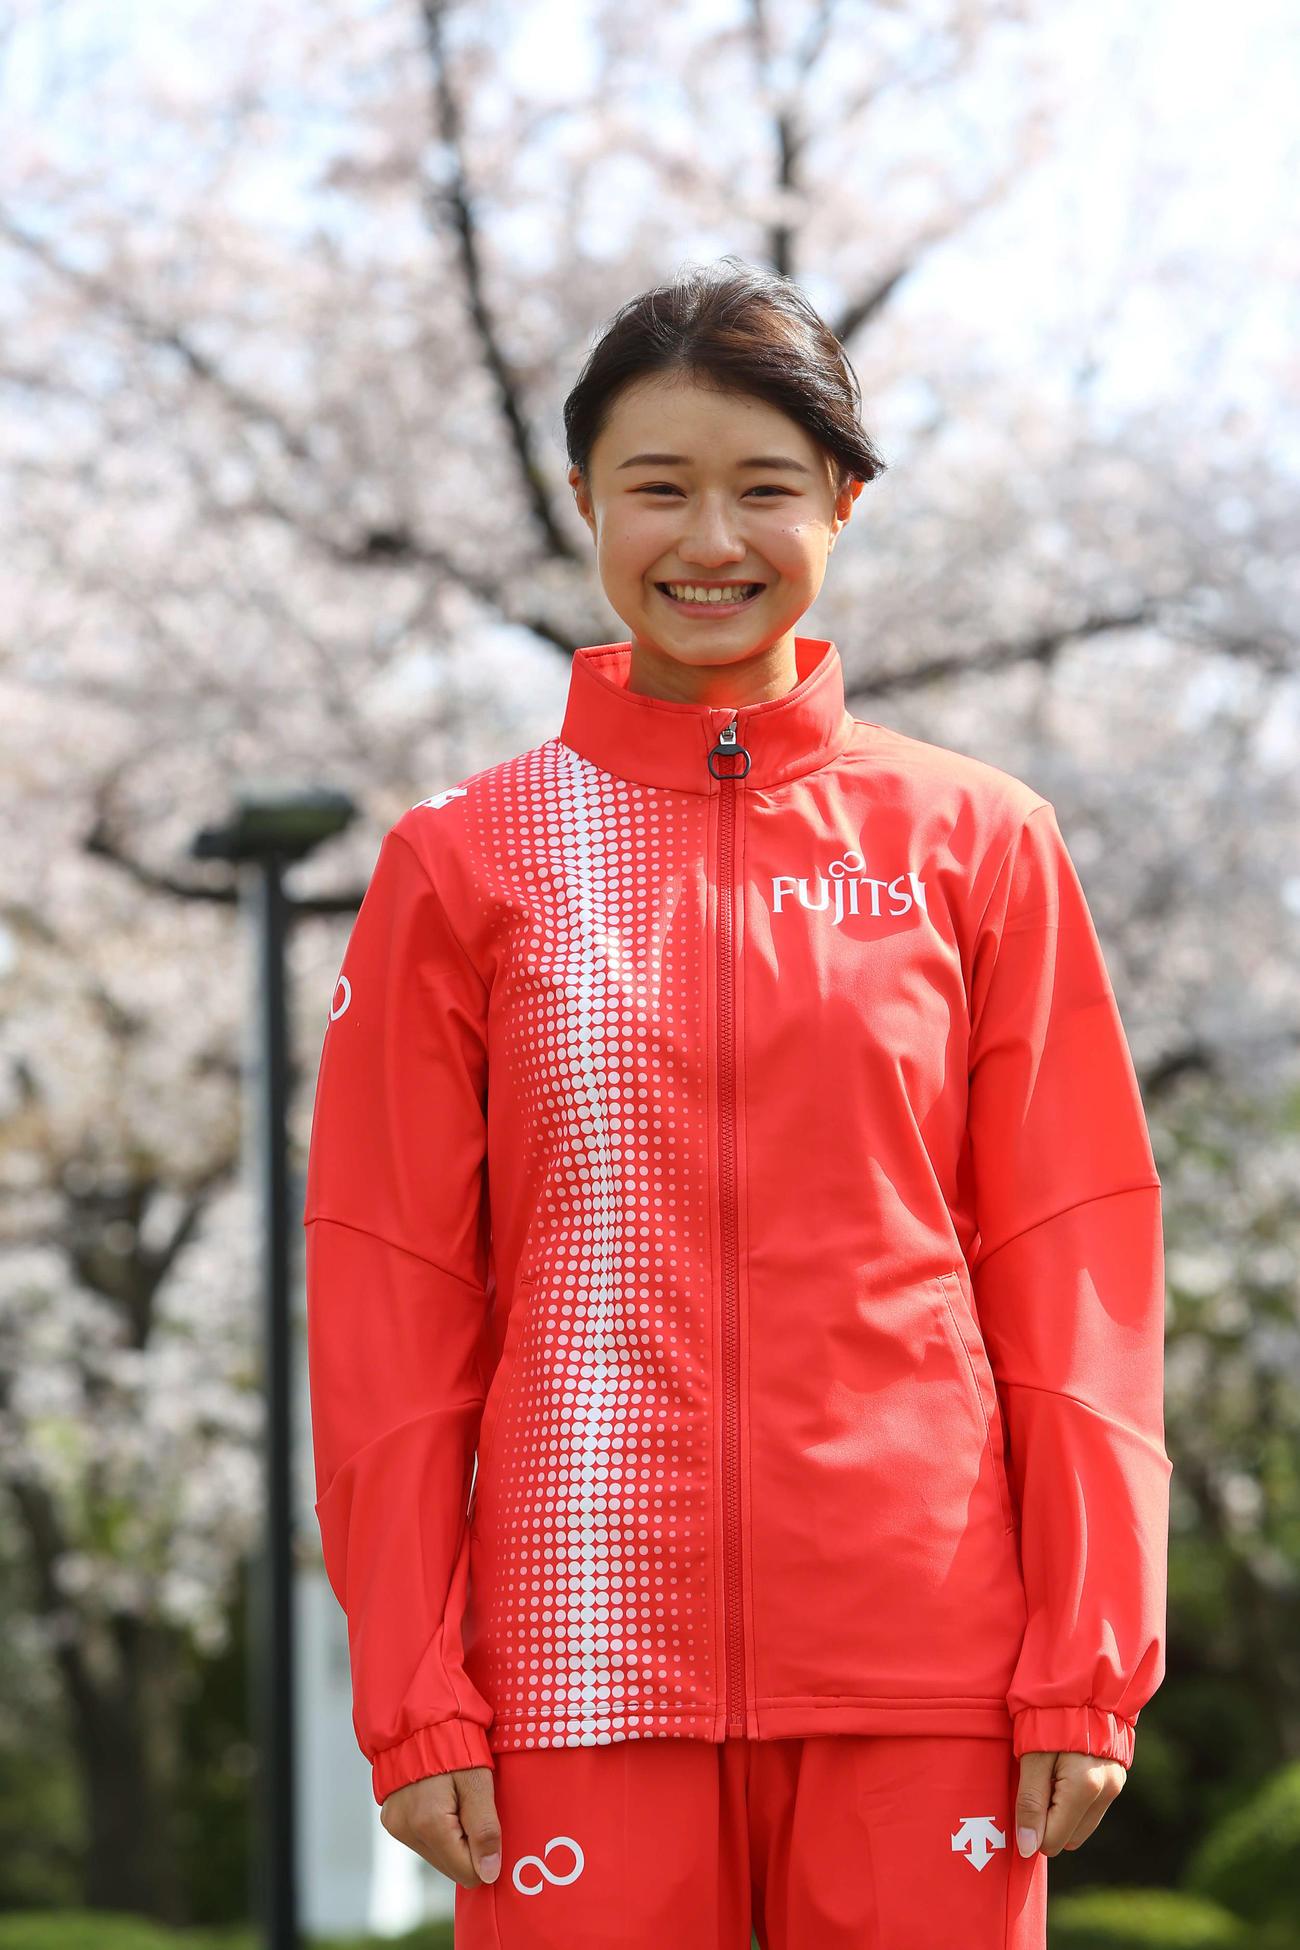 富士通のジャージを着て、笑顔の田中